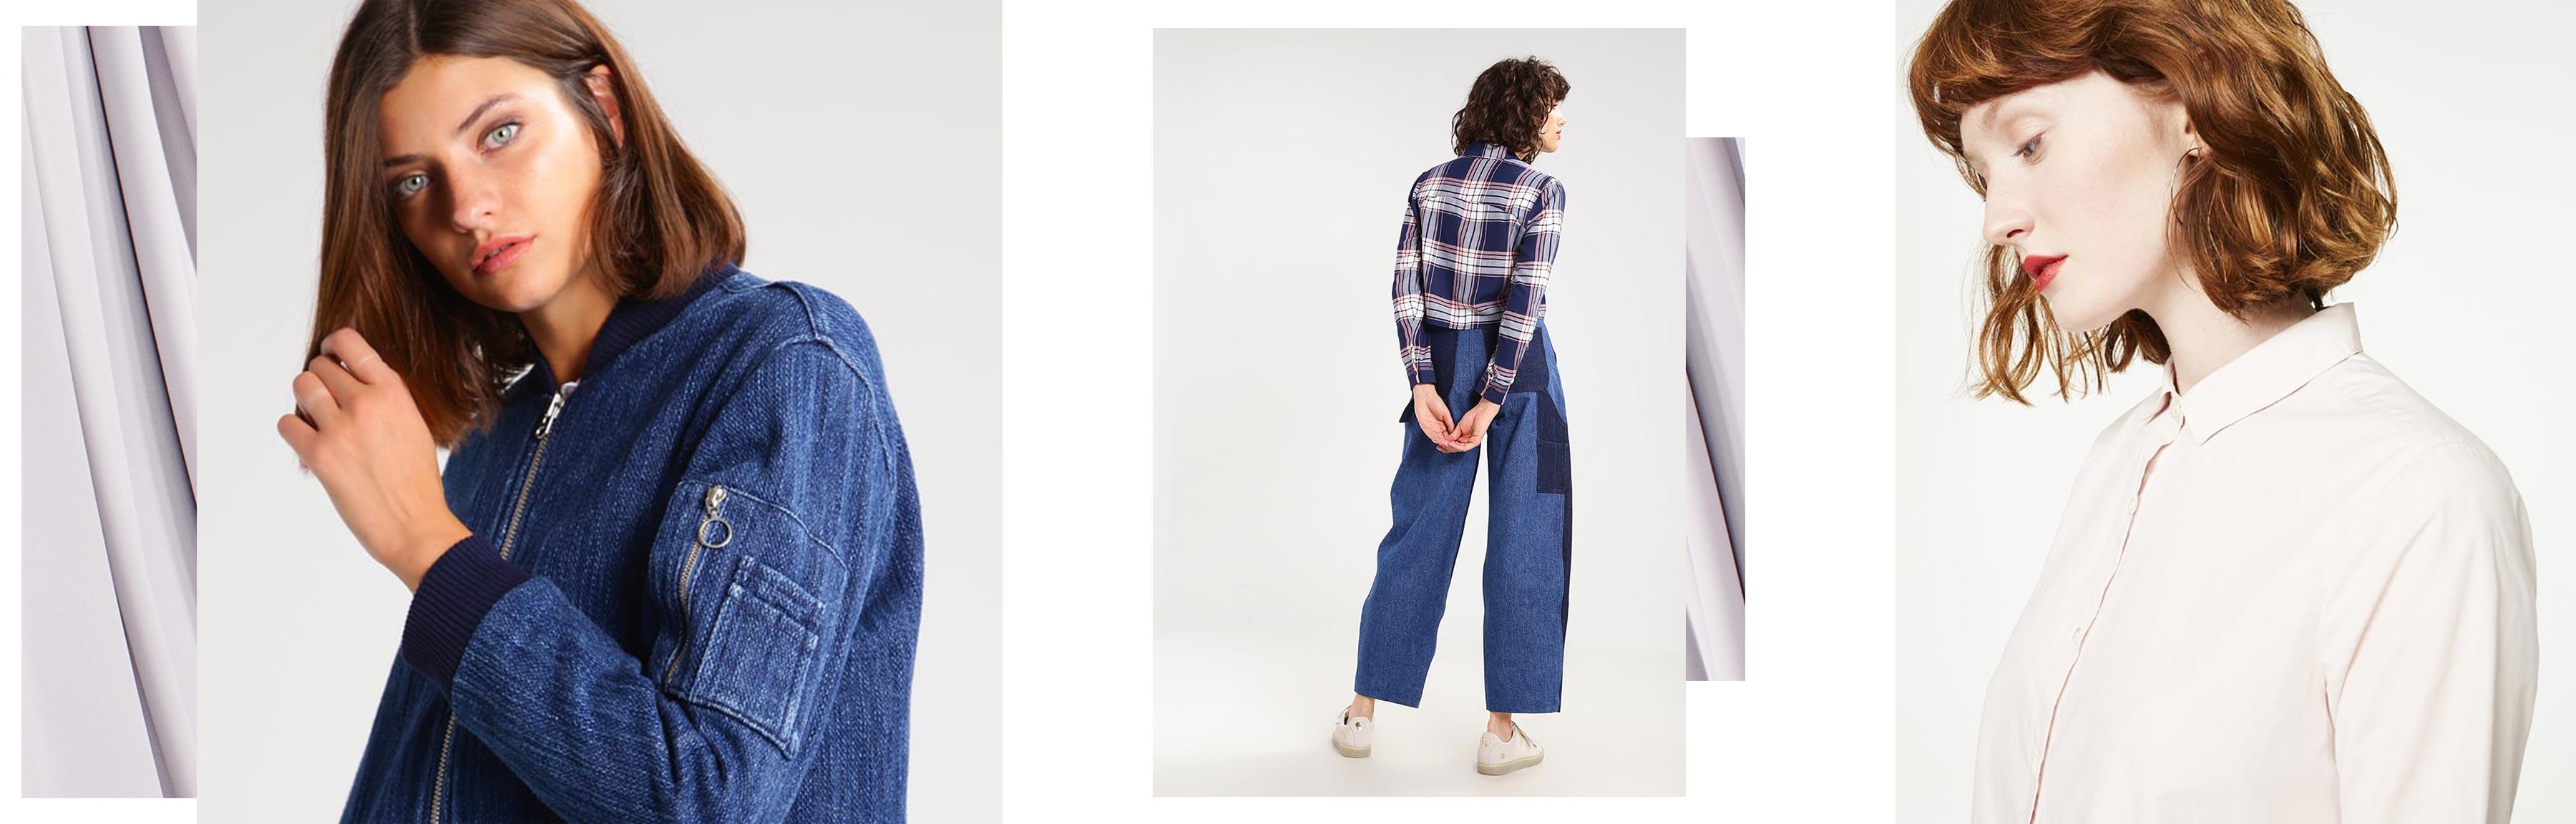 Kleider nachhaltig schweiz